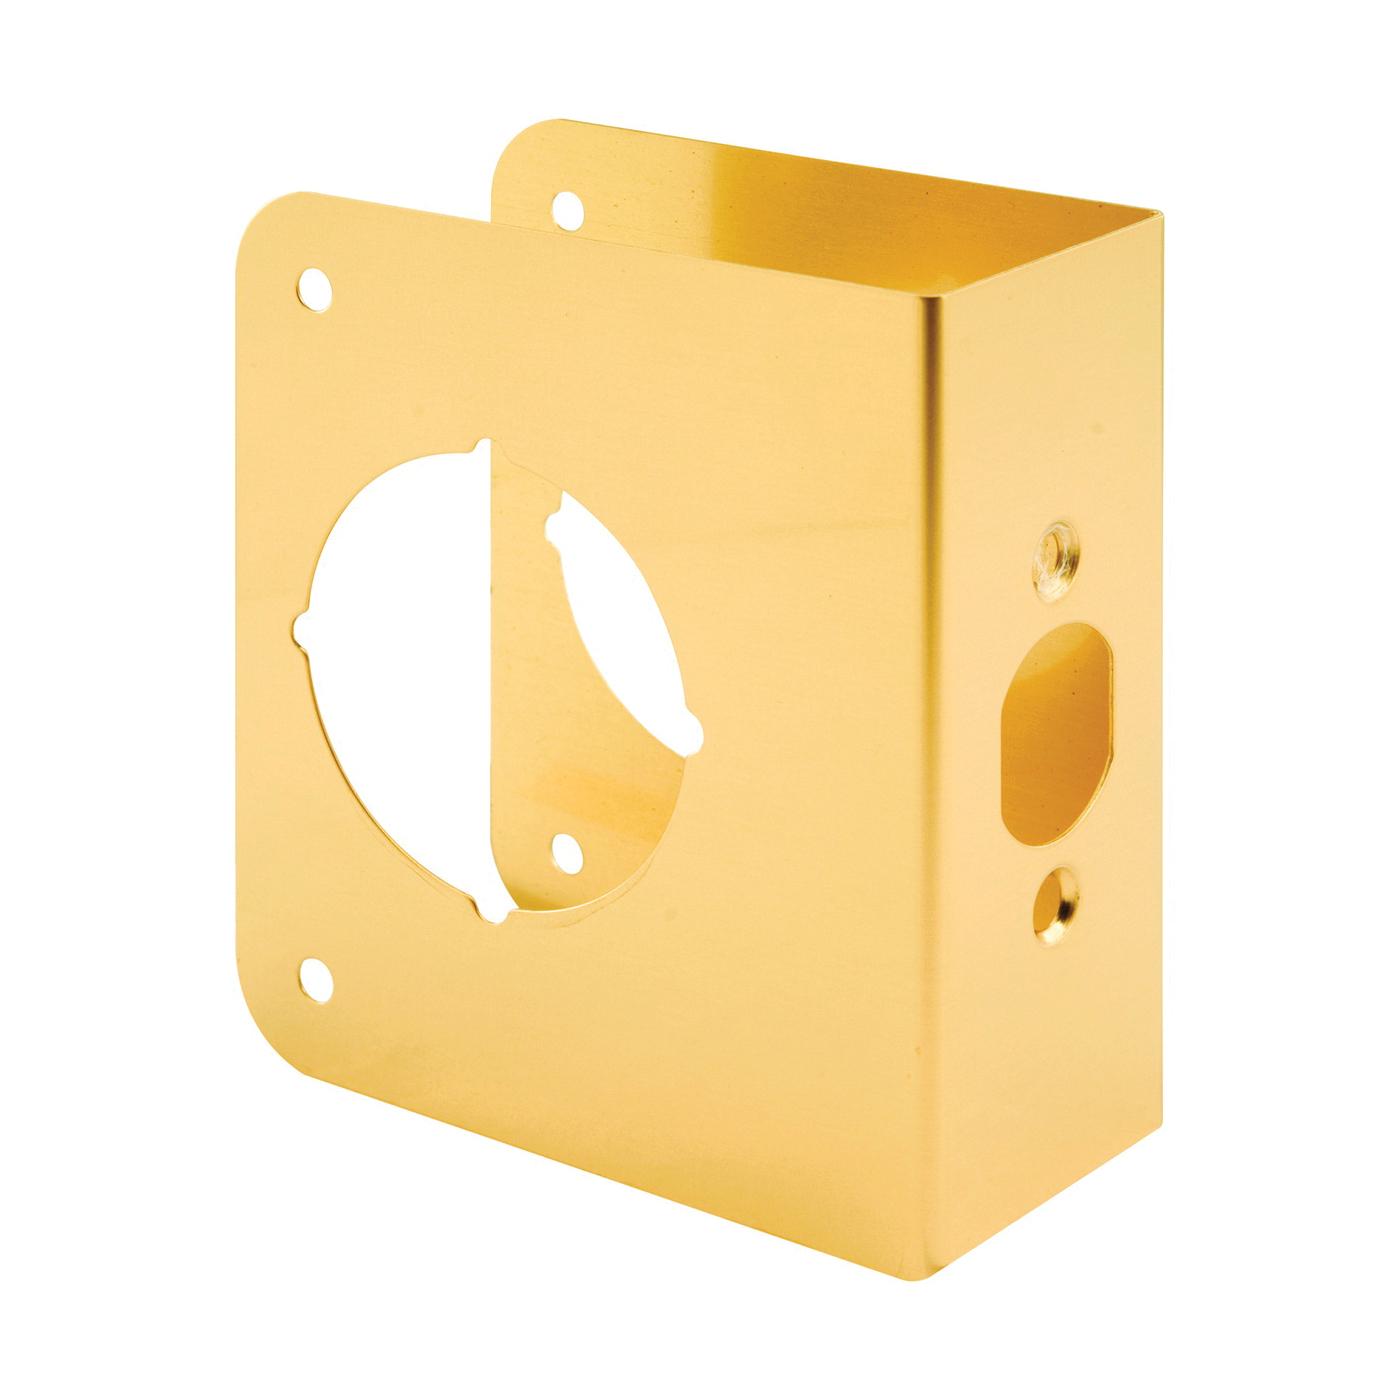 Picture of Prime-Line U 9556 Lock and Door Reinforcer, 2-3/8 in Backset, 1-3/4 in Thick Door, Brass, Brass, 4-1/2 in H